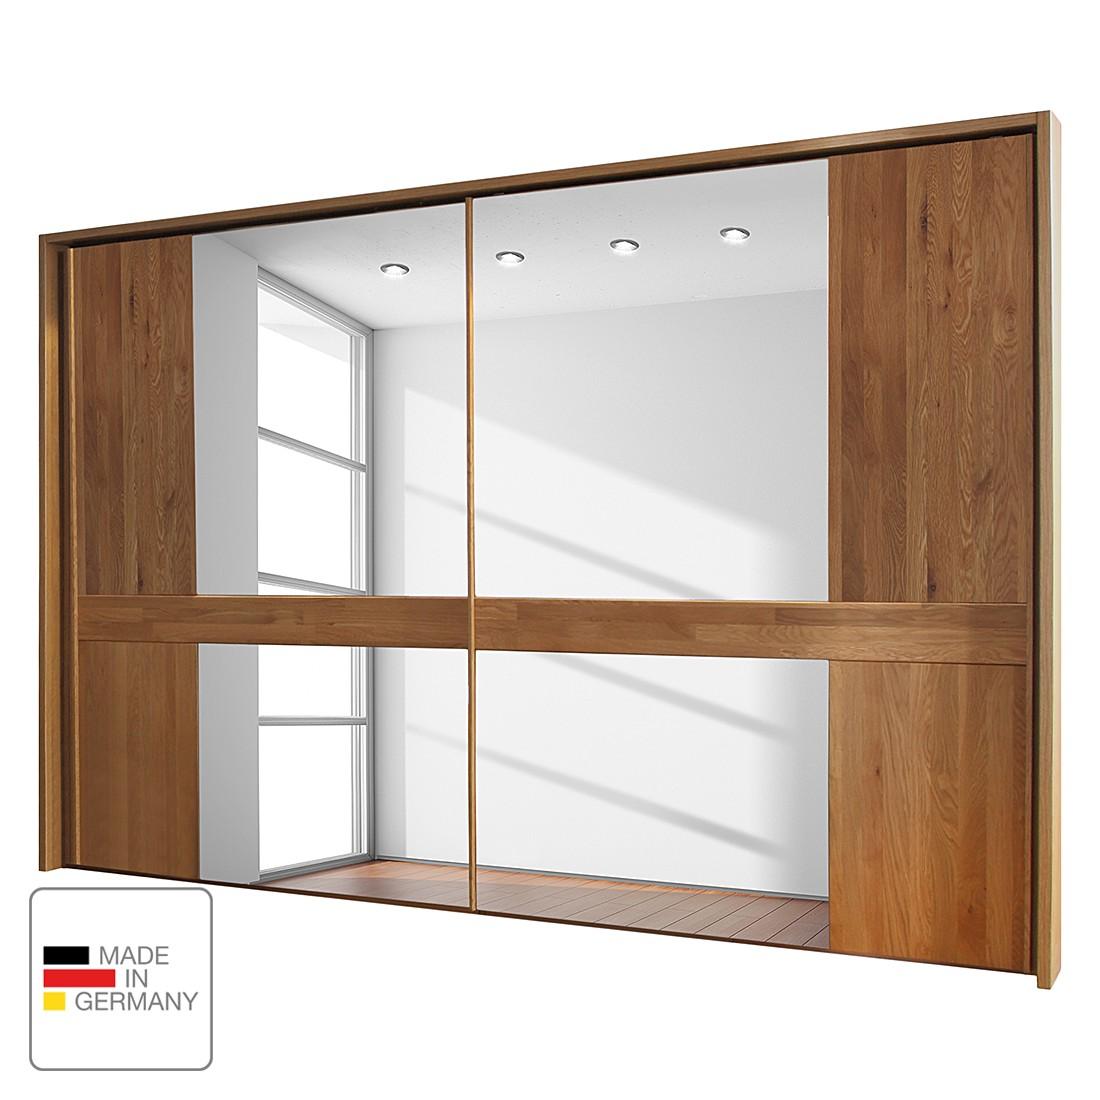 goedkoop Schuifdeurkast Faro gelakt massief eikenhout 300cm 2 deurs Met Passe partout lijst Wiemann